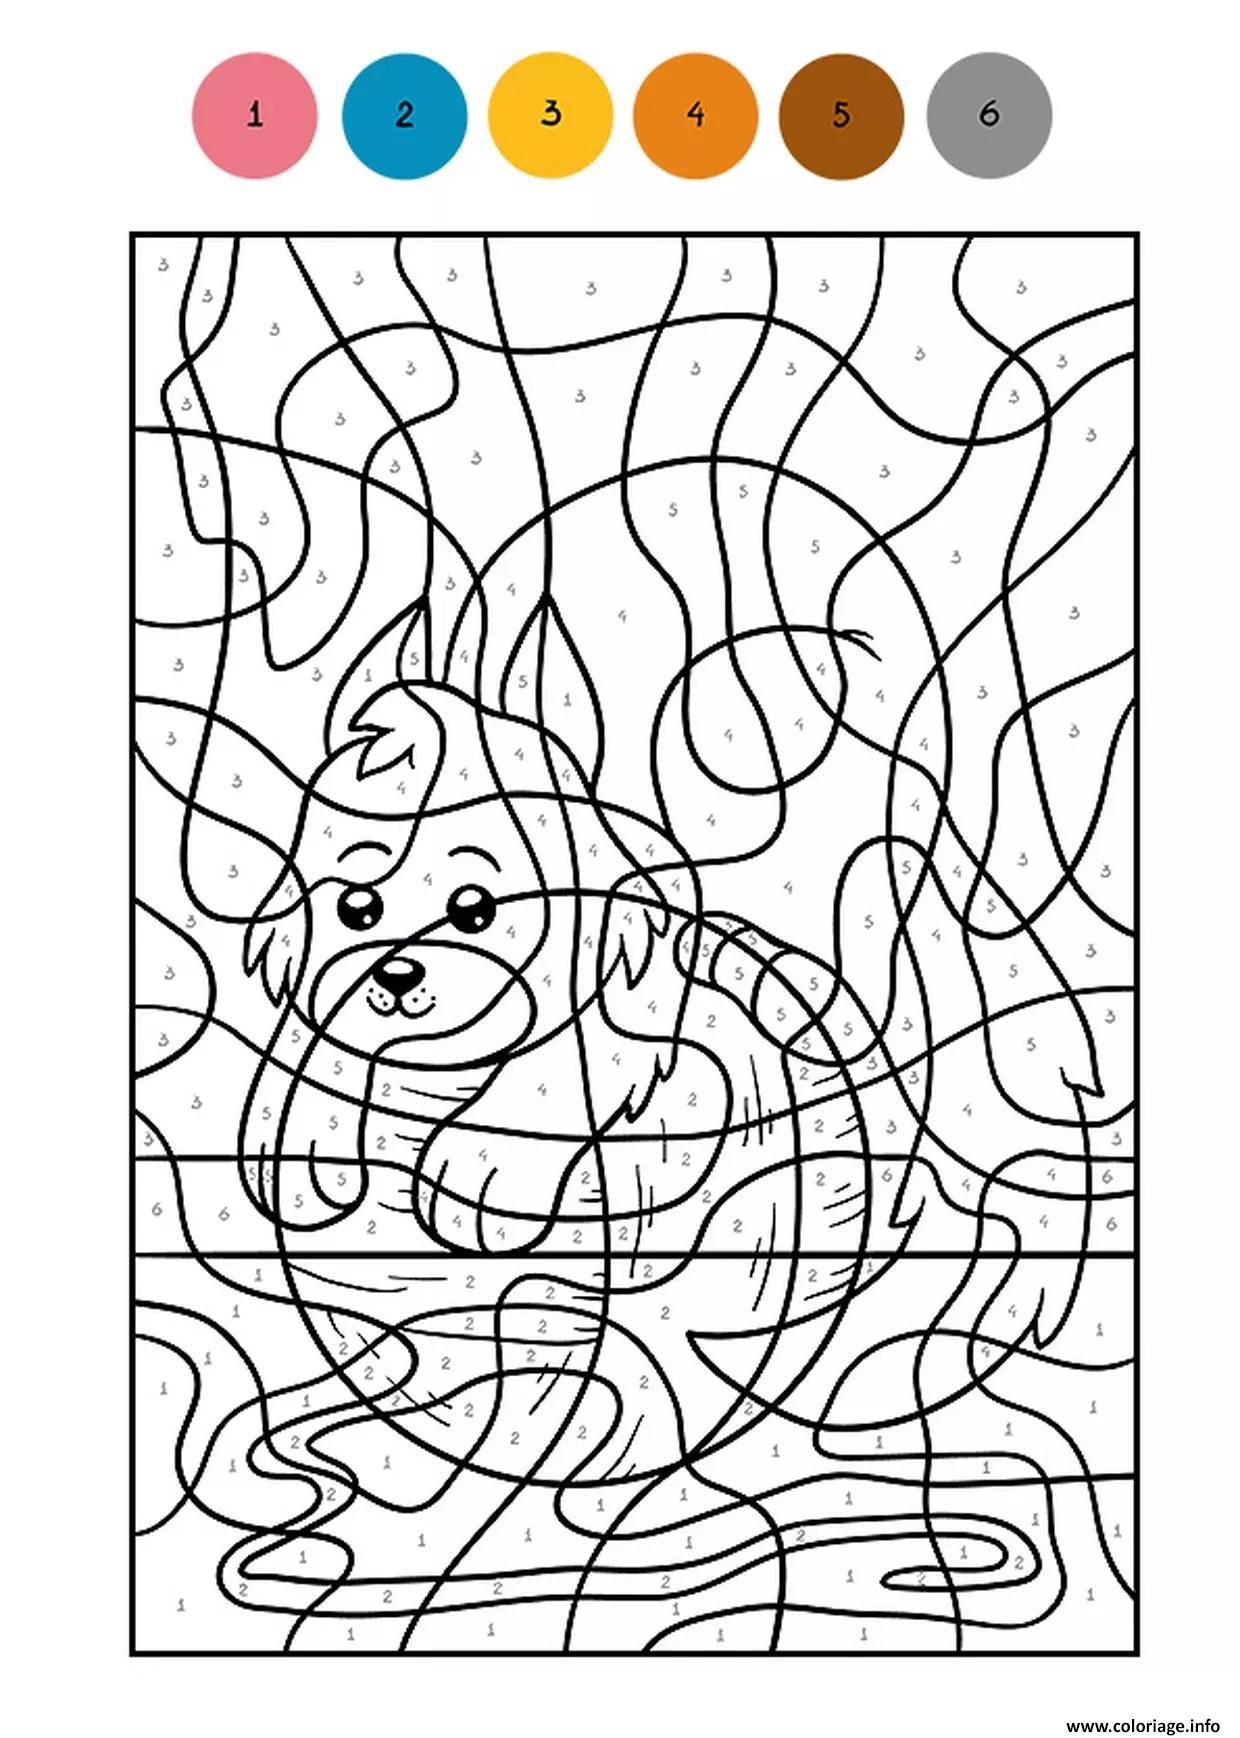 Coloriage Chat Magique Mignon Dessin Chat à imprimer